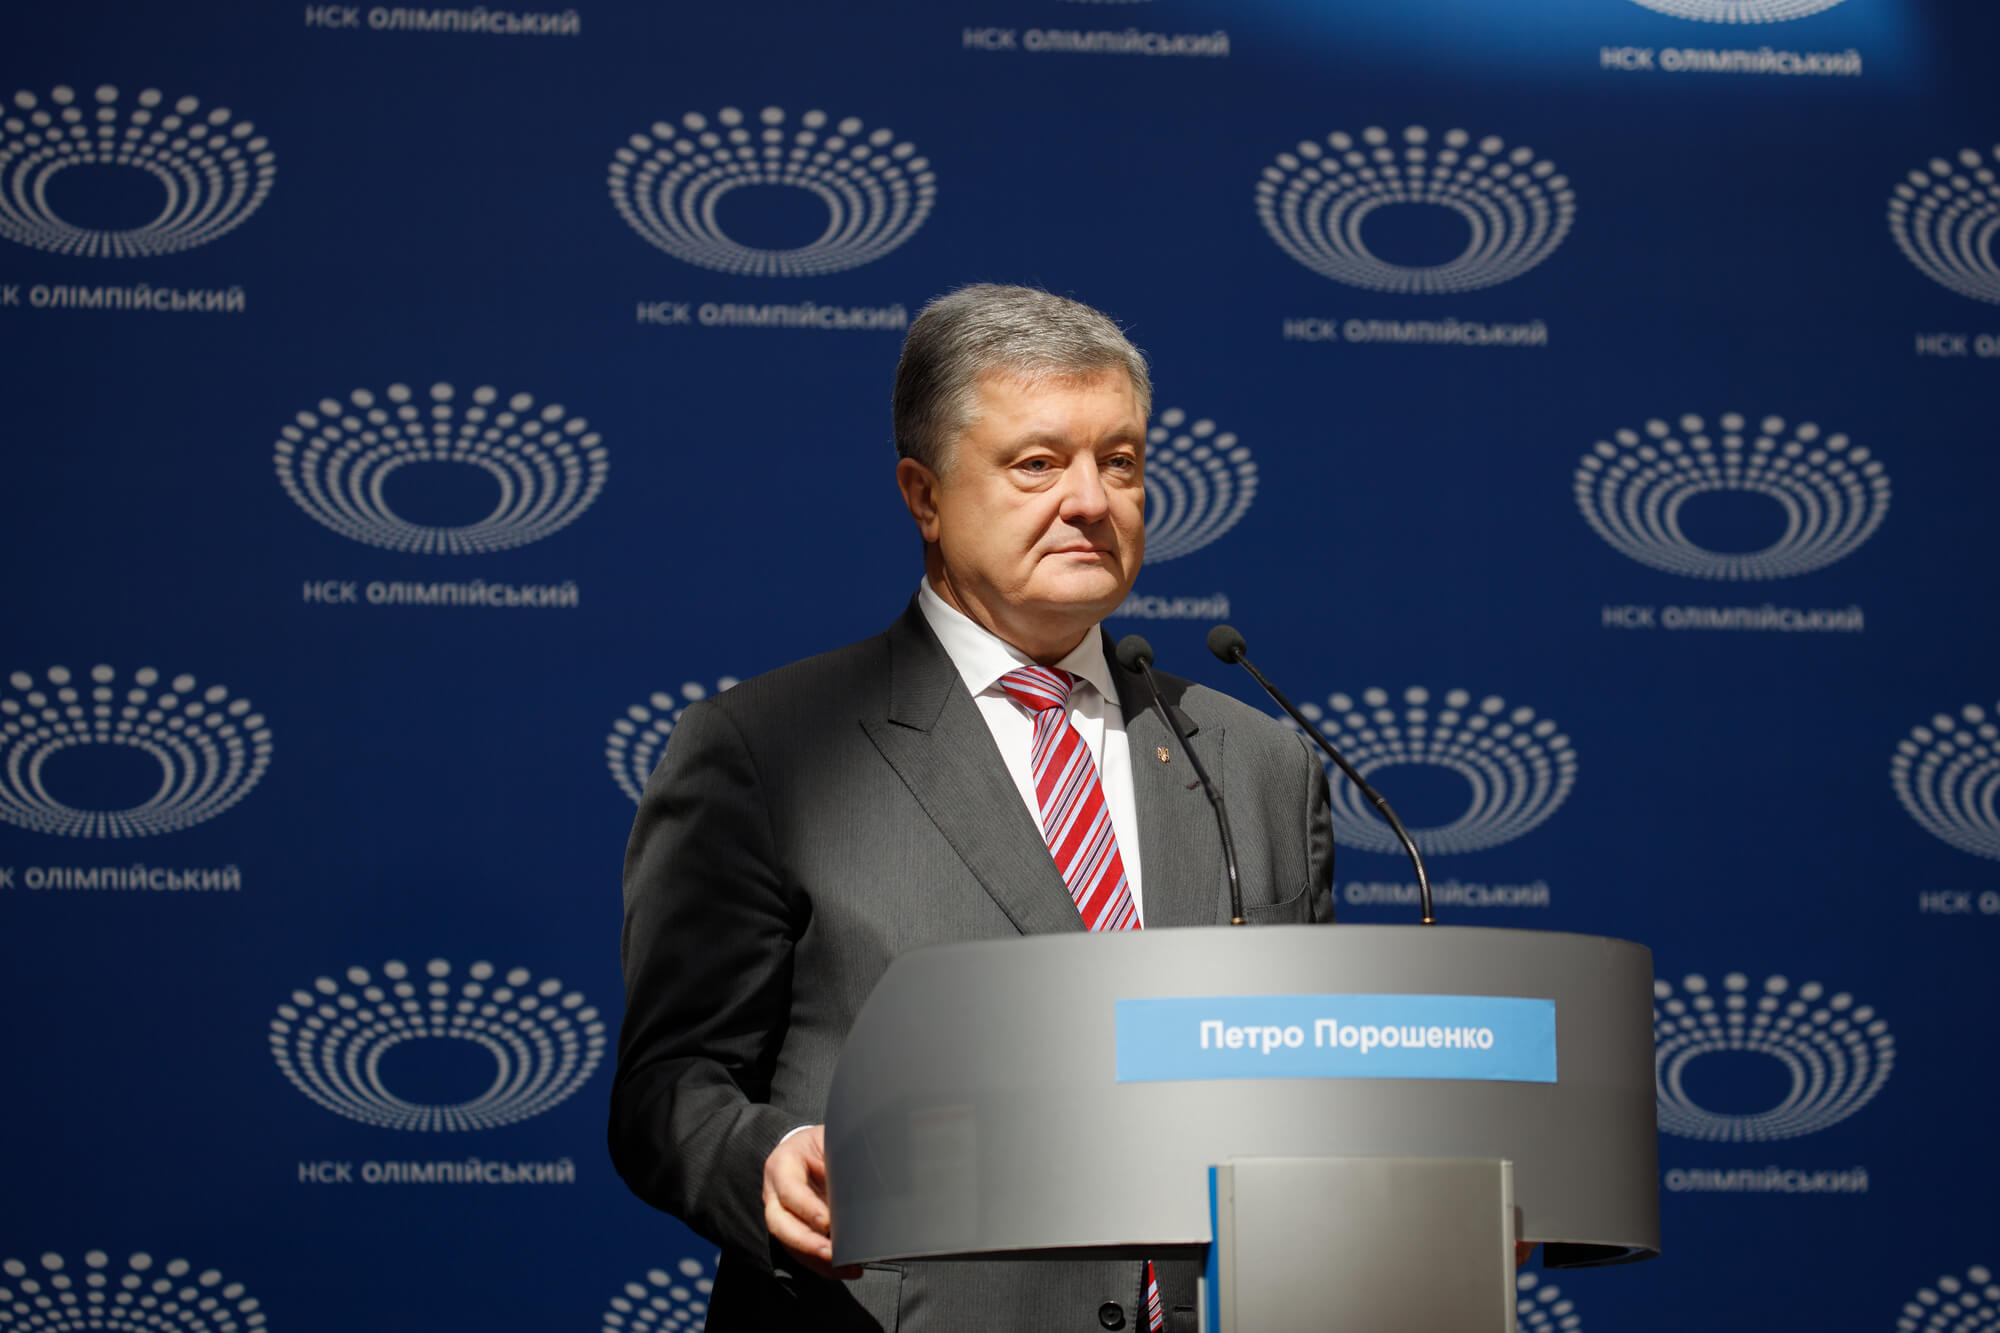 Стадион так стадион. Фактчек Петра Порошенко на дебатах 14 апреля